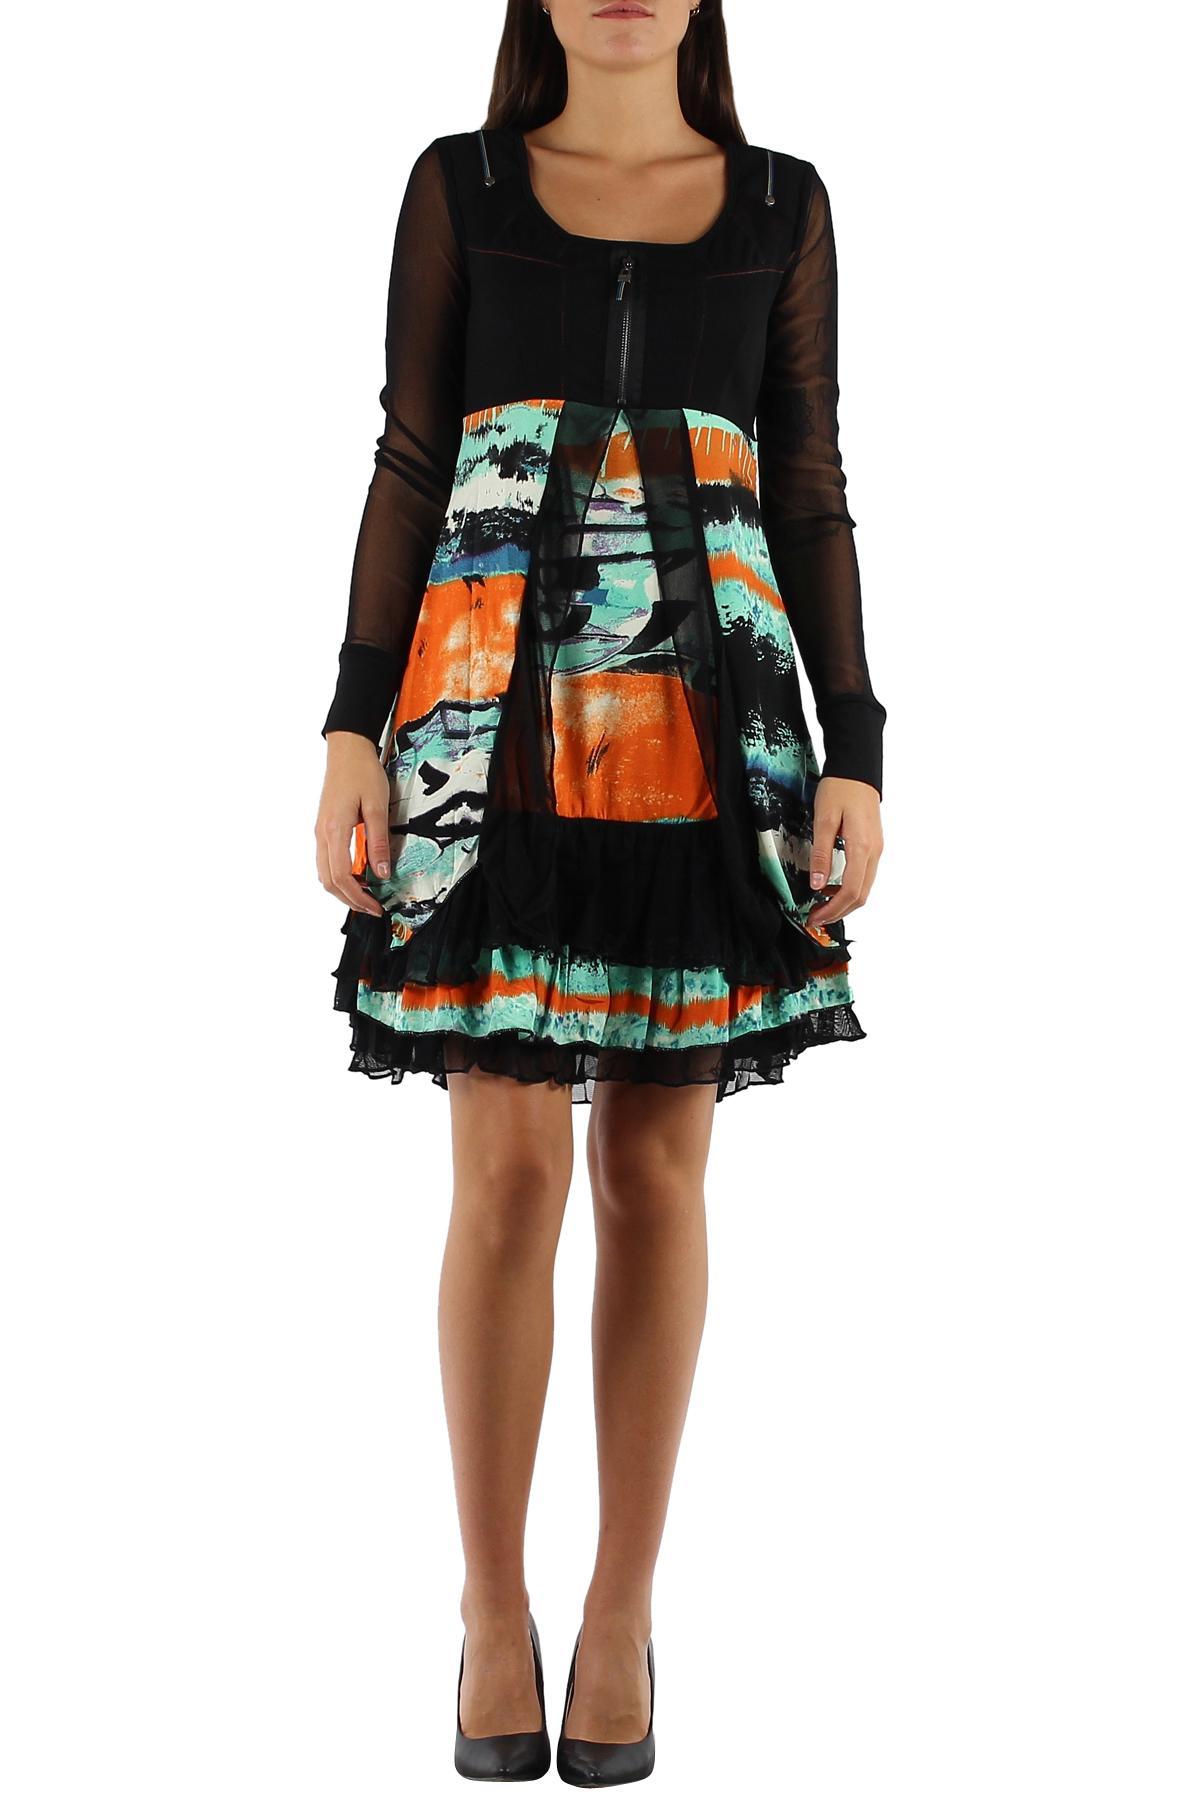 Robes courtes Femme Noir/Vert C FAIT POUR VOUS 598 #c eFashion Paris